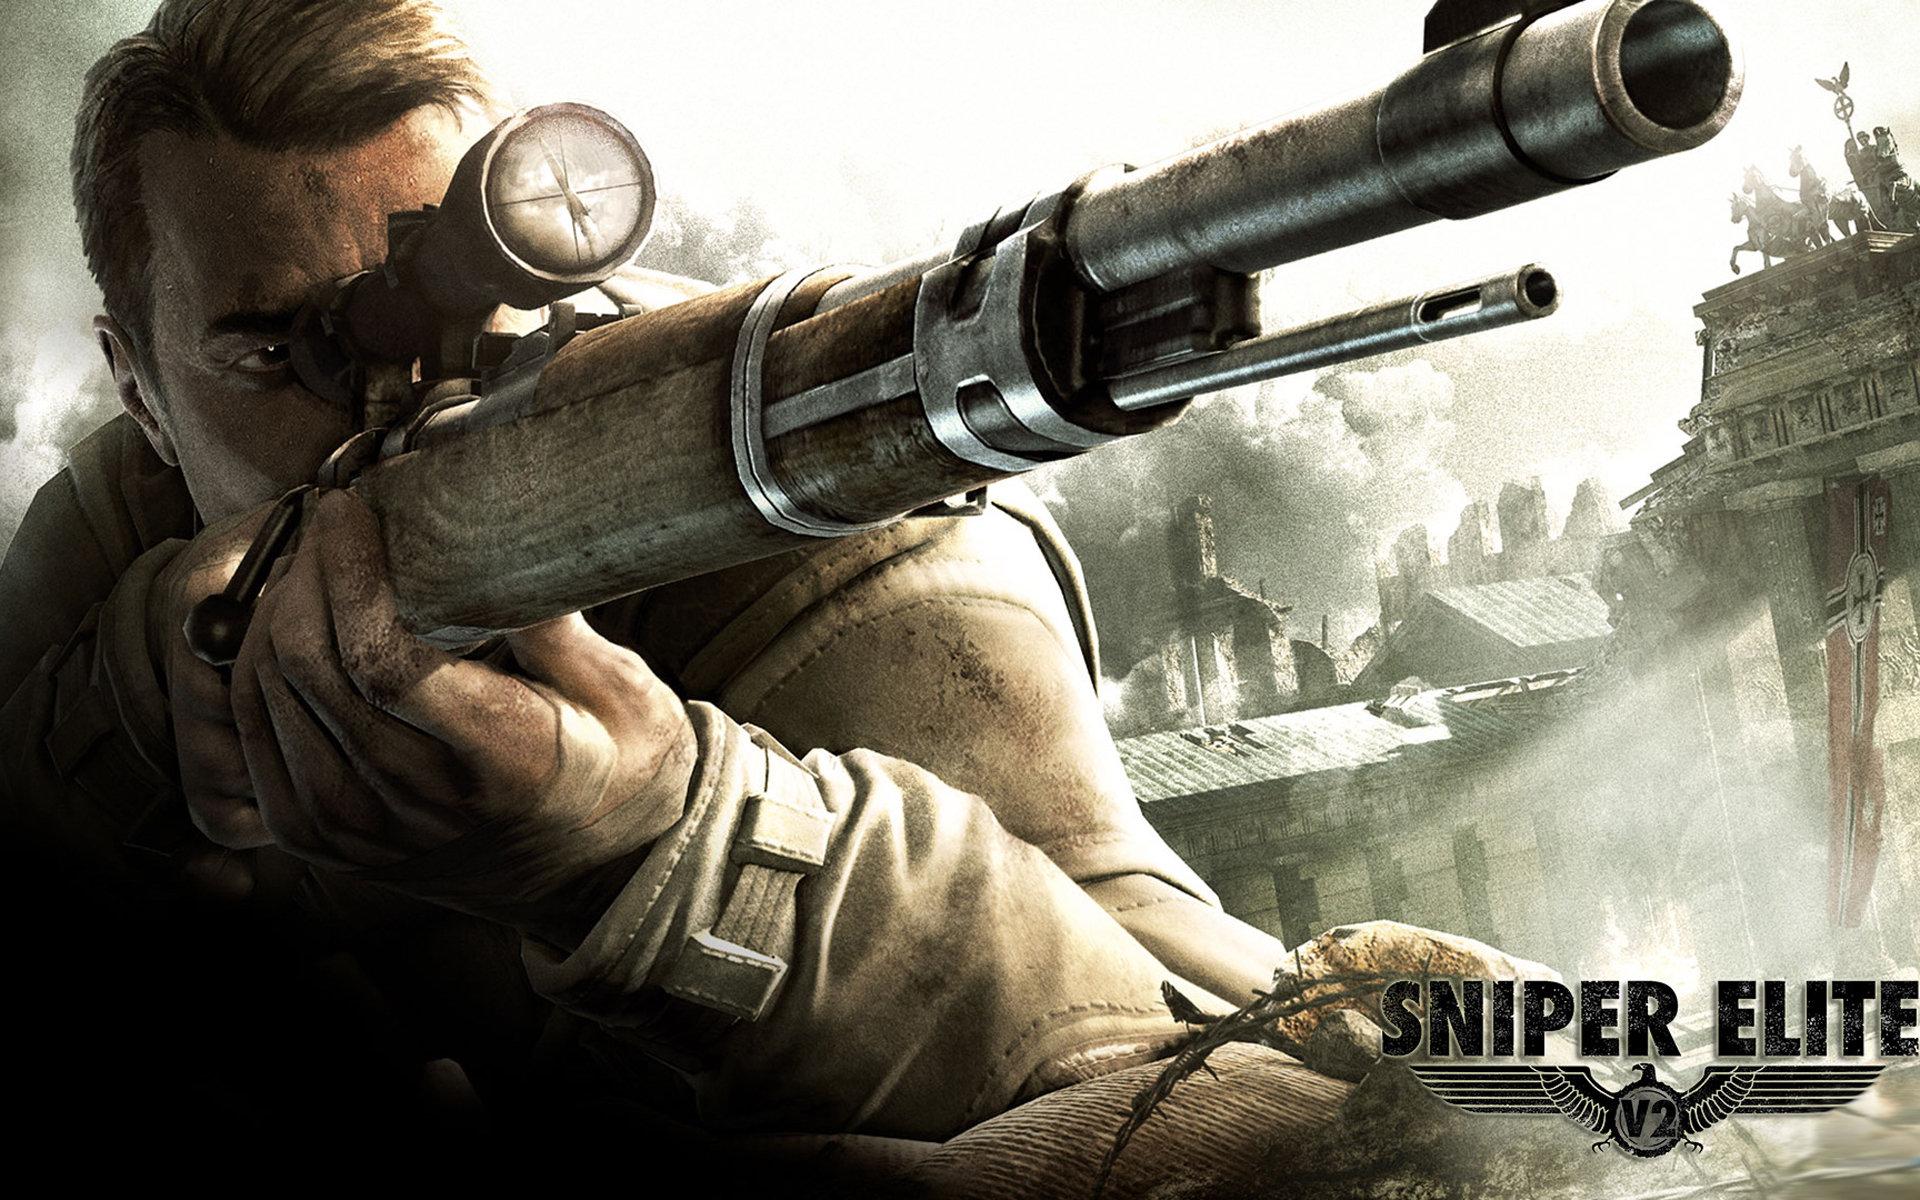 Sniper Elite V2 Wallpaper HD 6936475 1920x1200